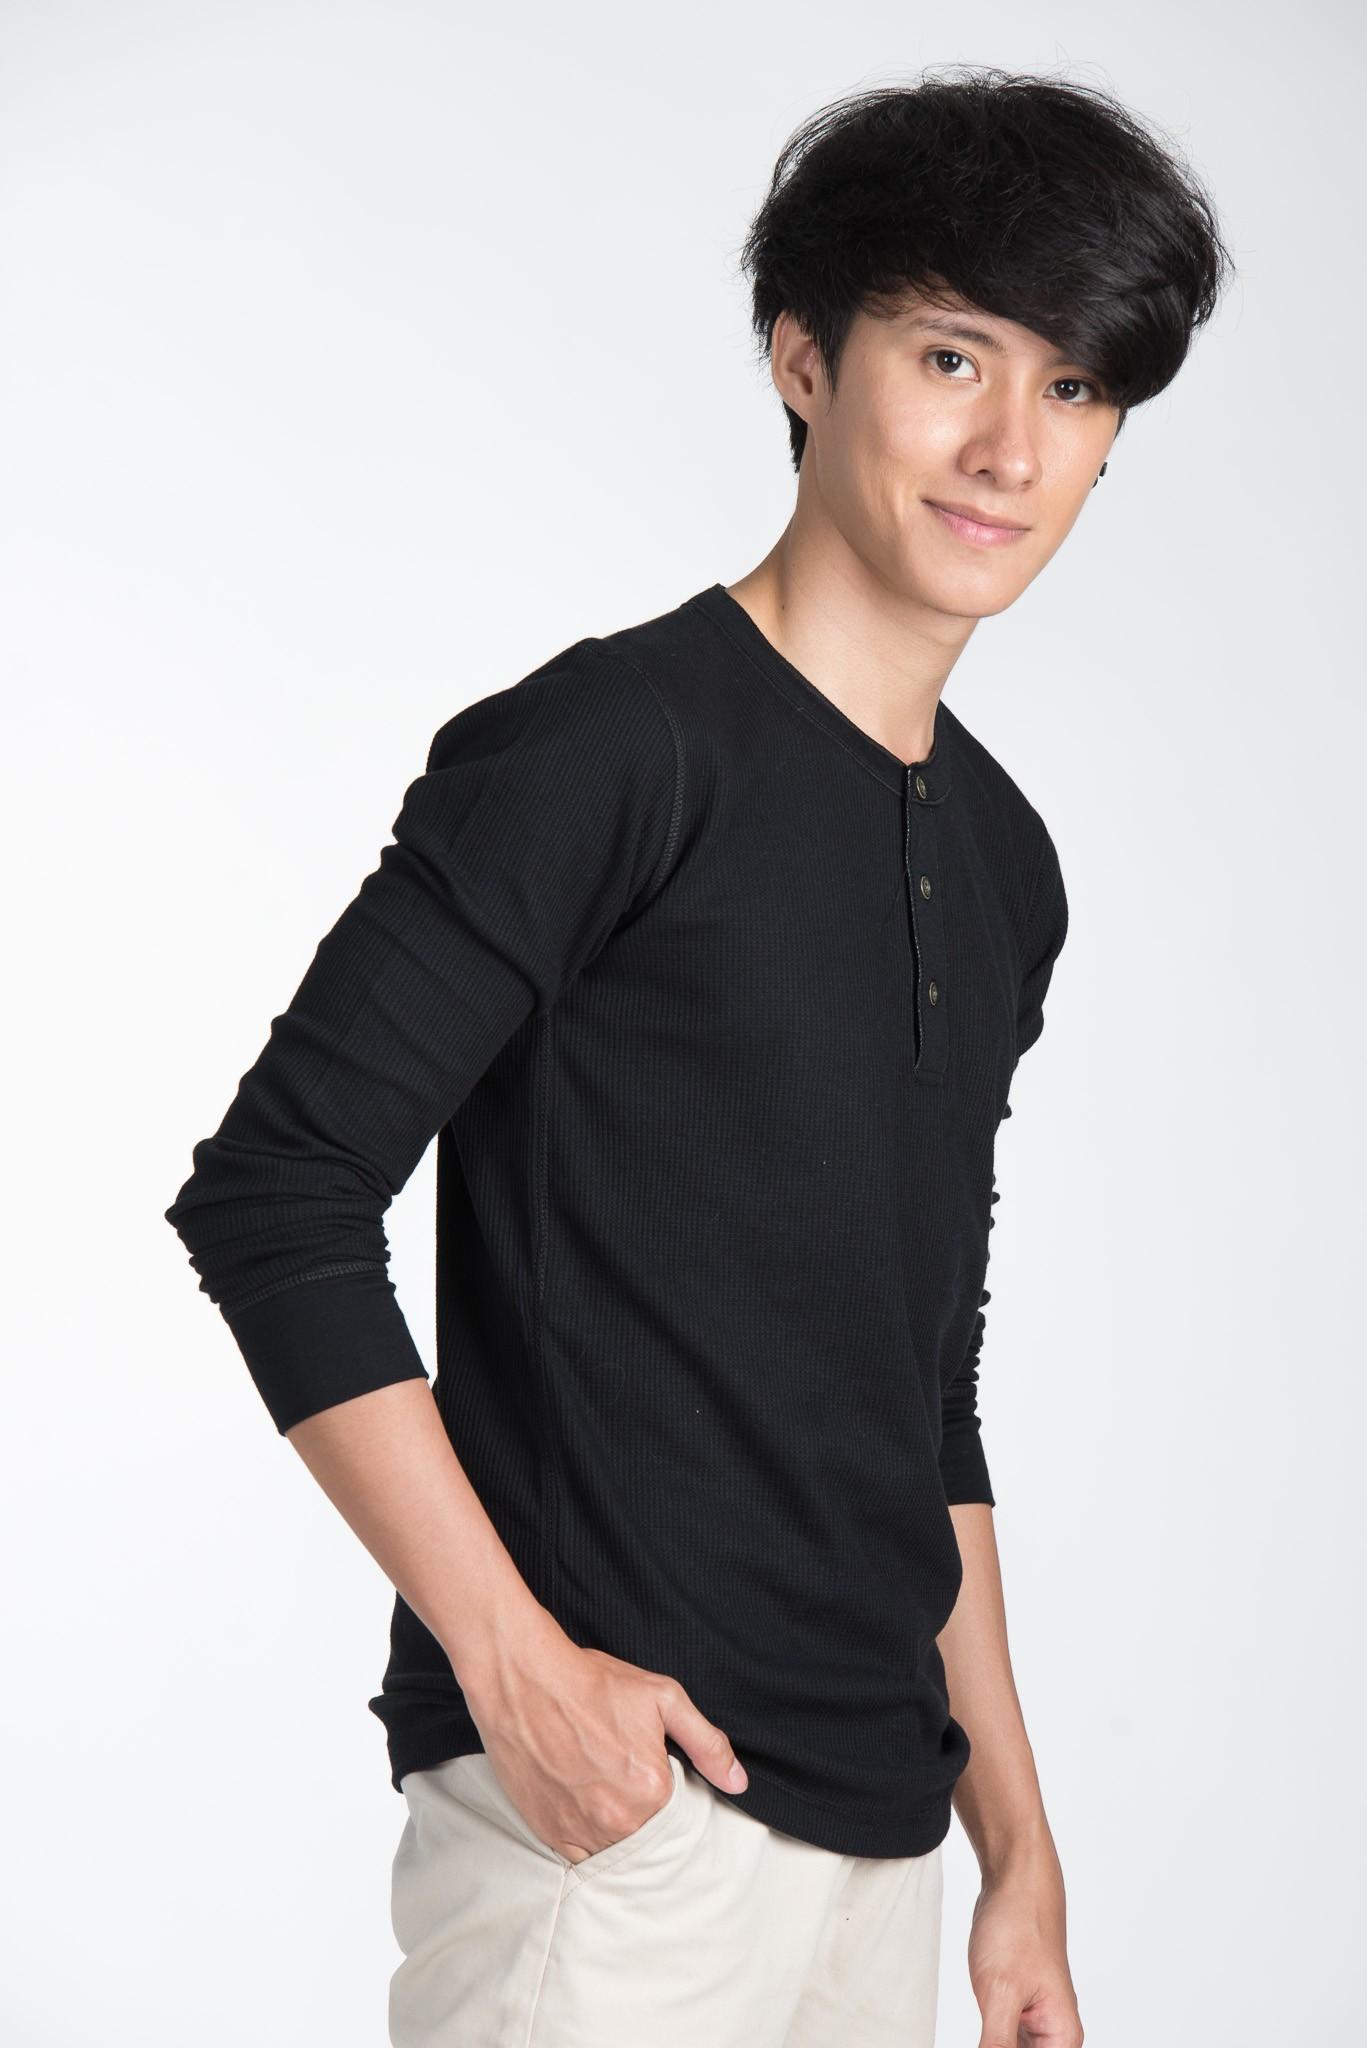 เสื้อแขนยาว ผ้าวาฟเฟิล : 390 THB